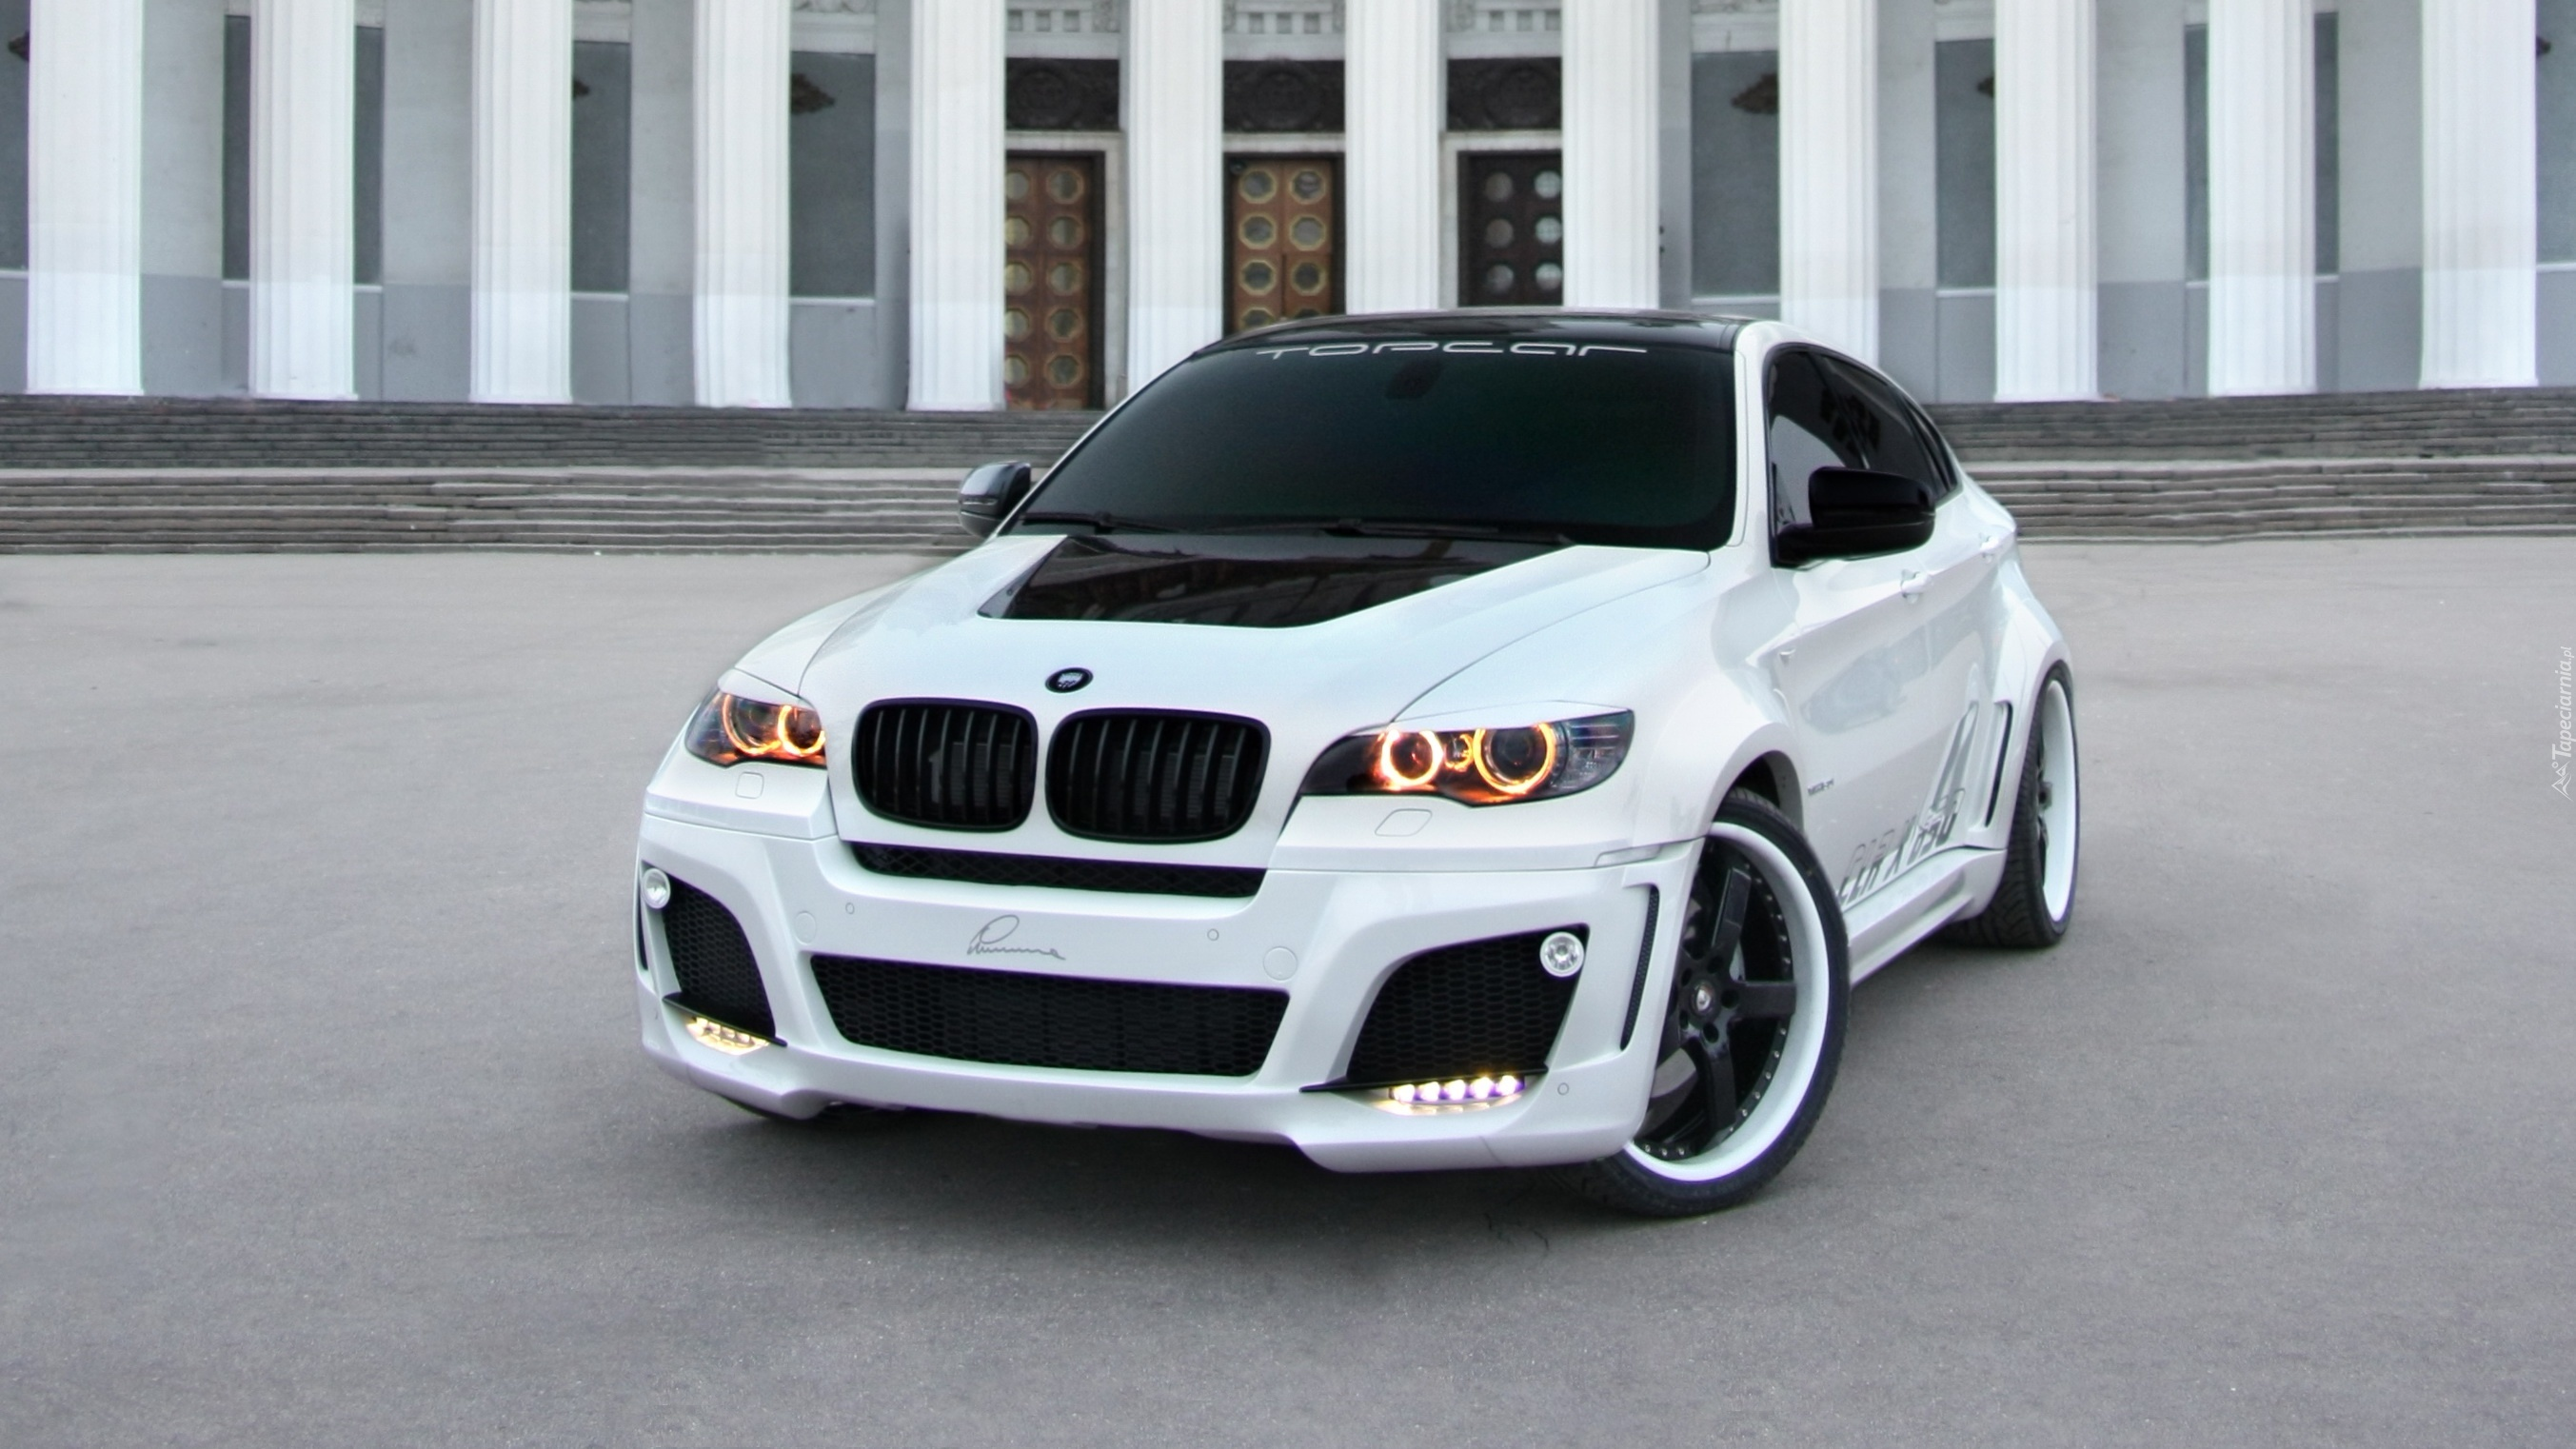 Białe Bmw X6